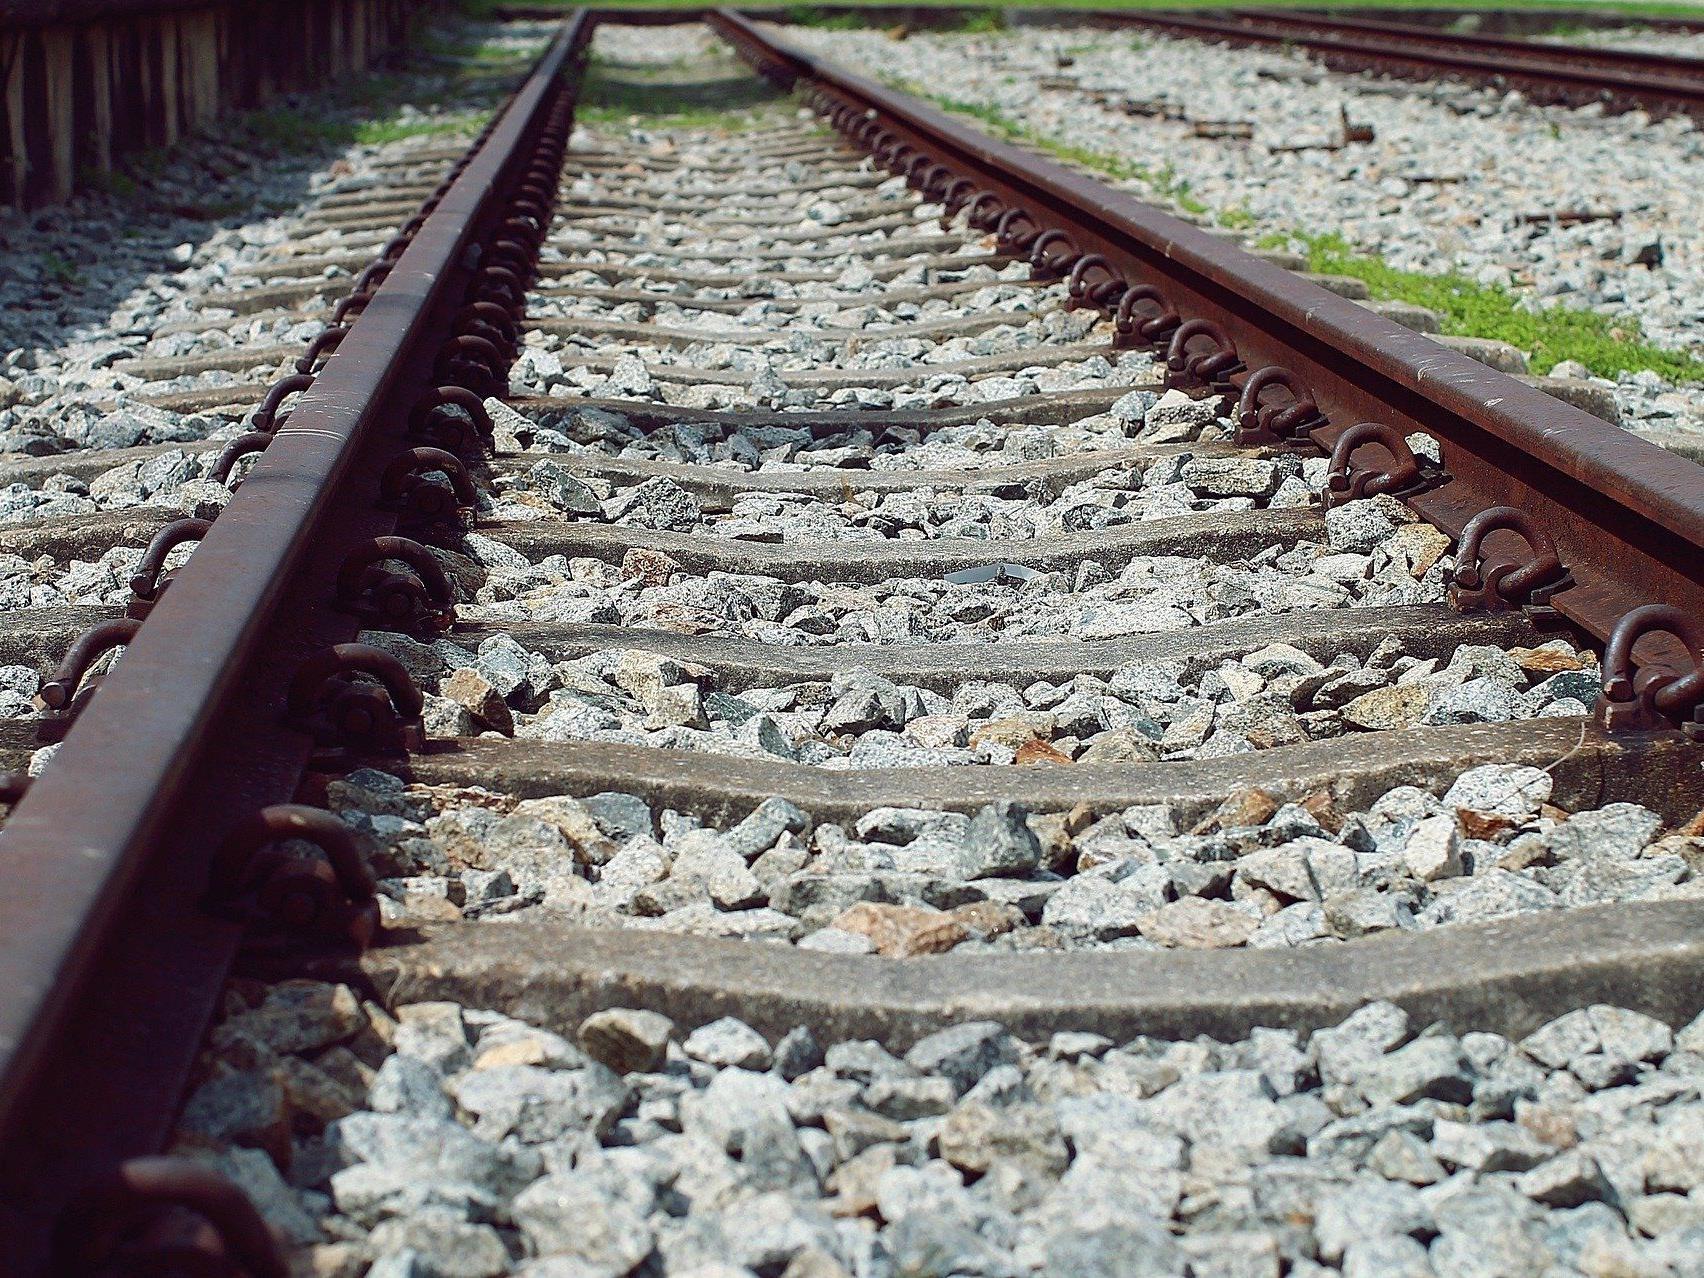 Die 14-jährige Kopftuchträgerin gab an, auf die Gleise der Wiener S-Bahn gestoßen worden zu sein.